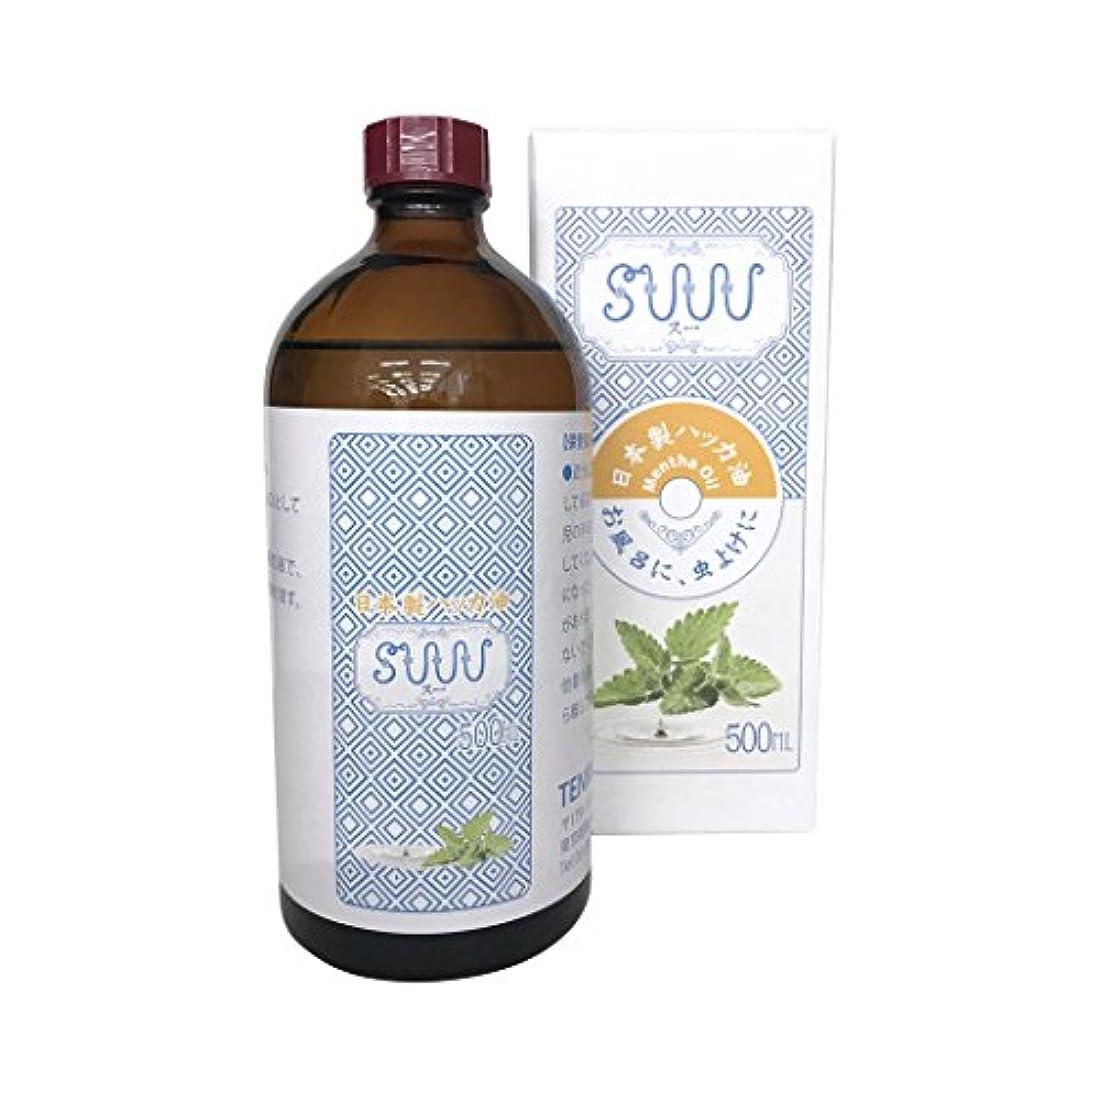 層精度曲【日本製】 ハッカ油 500ml (ハッカ油のSUUU)